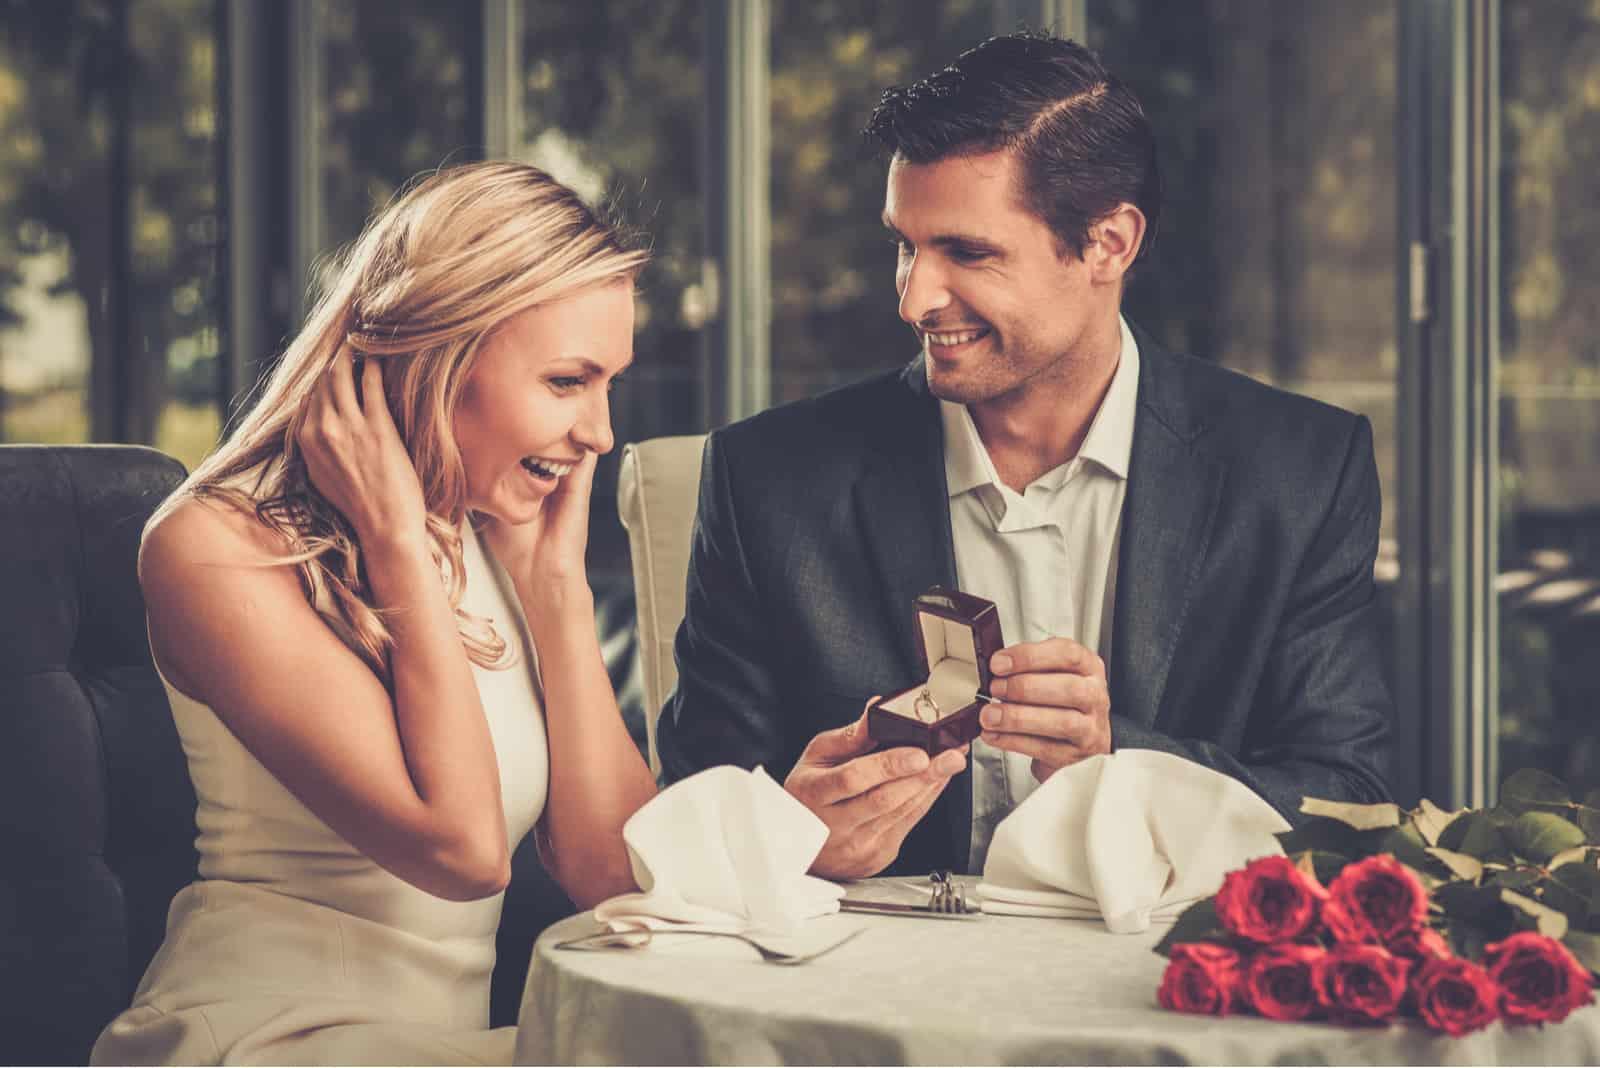 un homme et une femme sont assis à dîner il la supplie